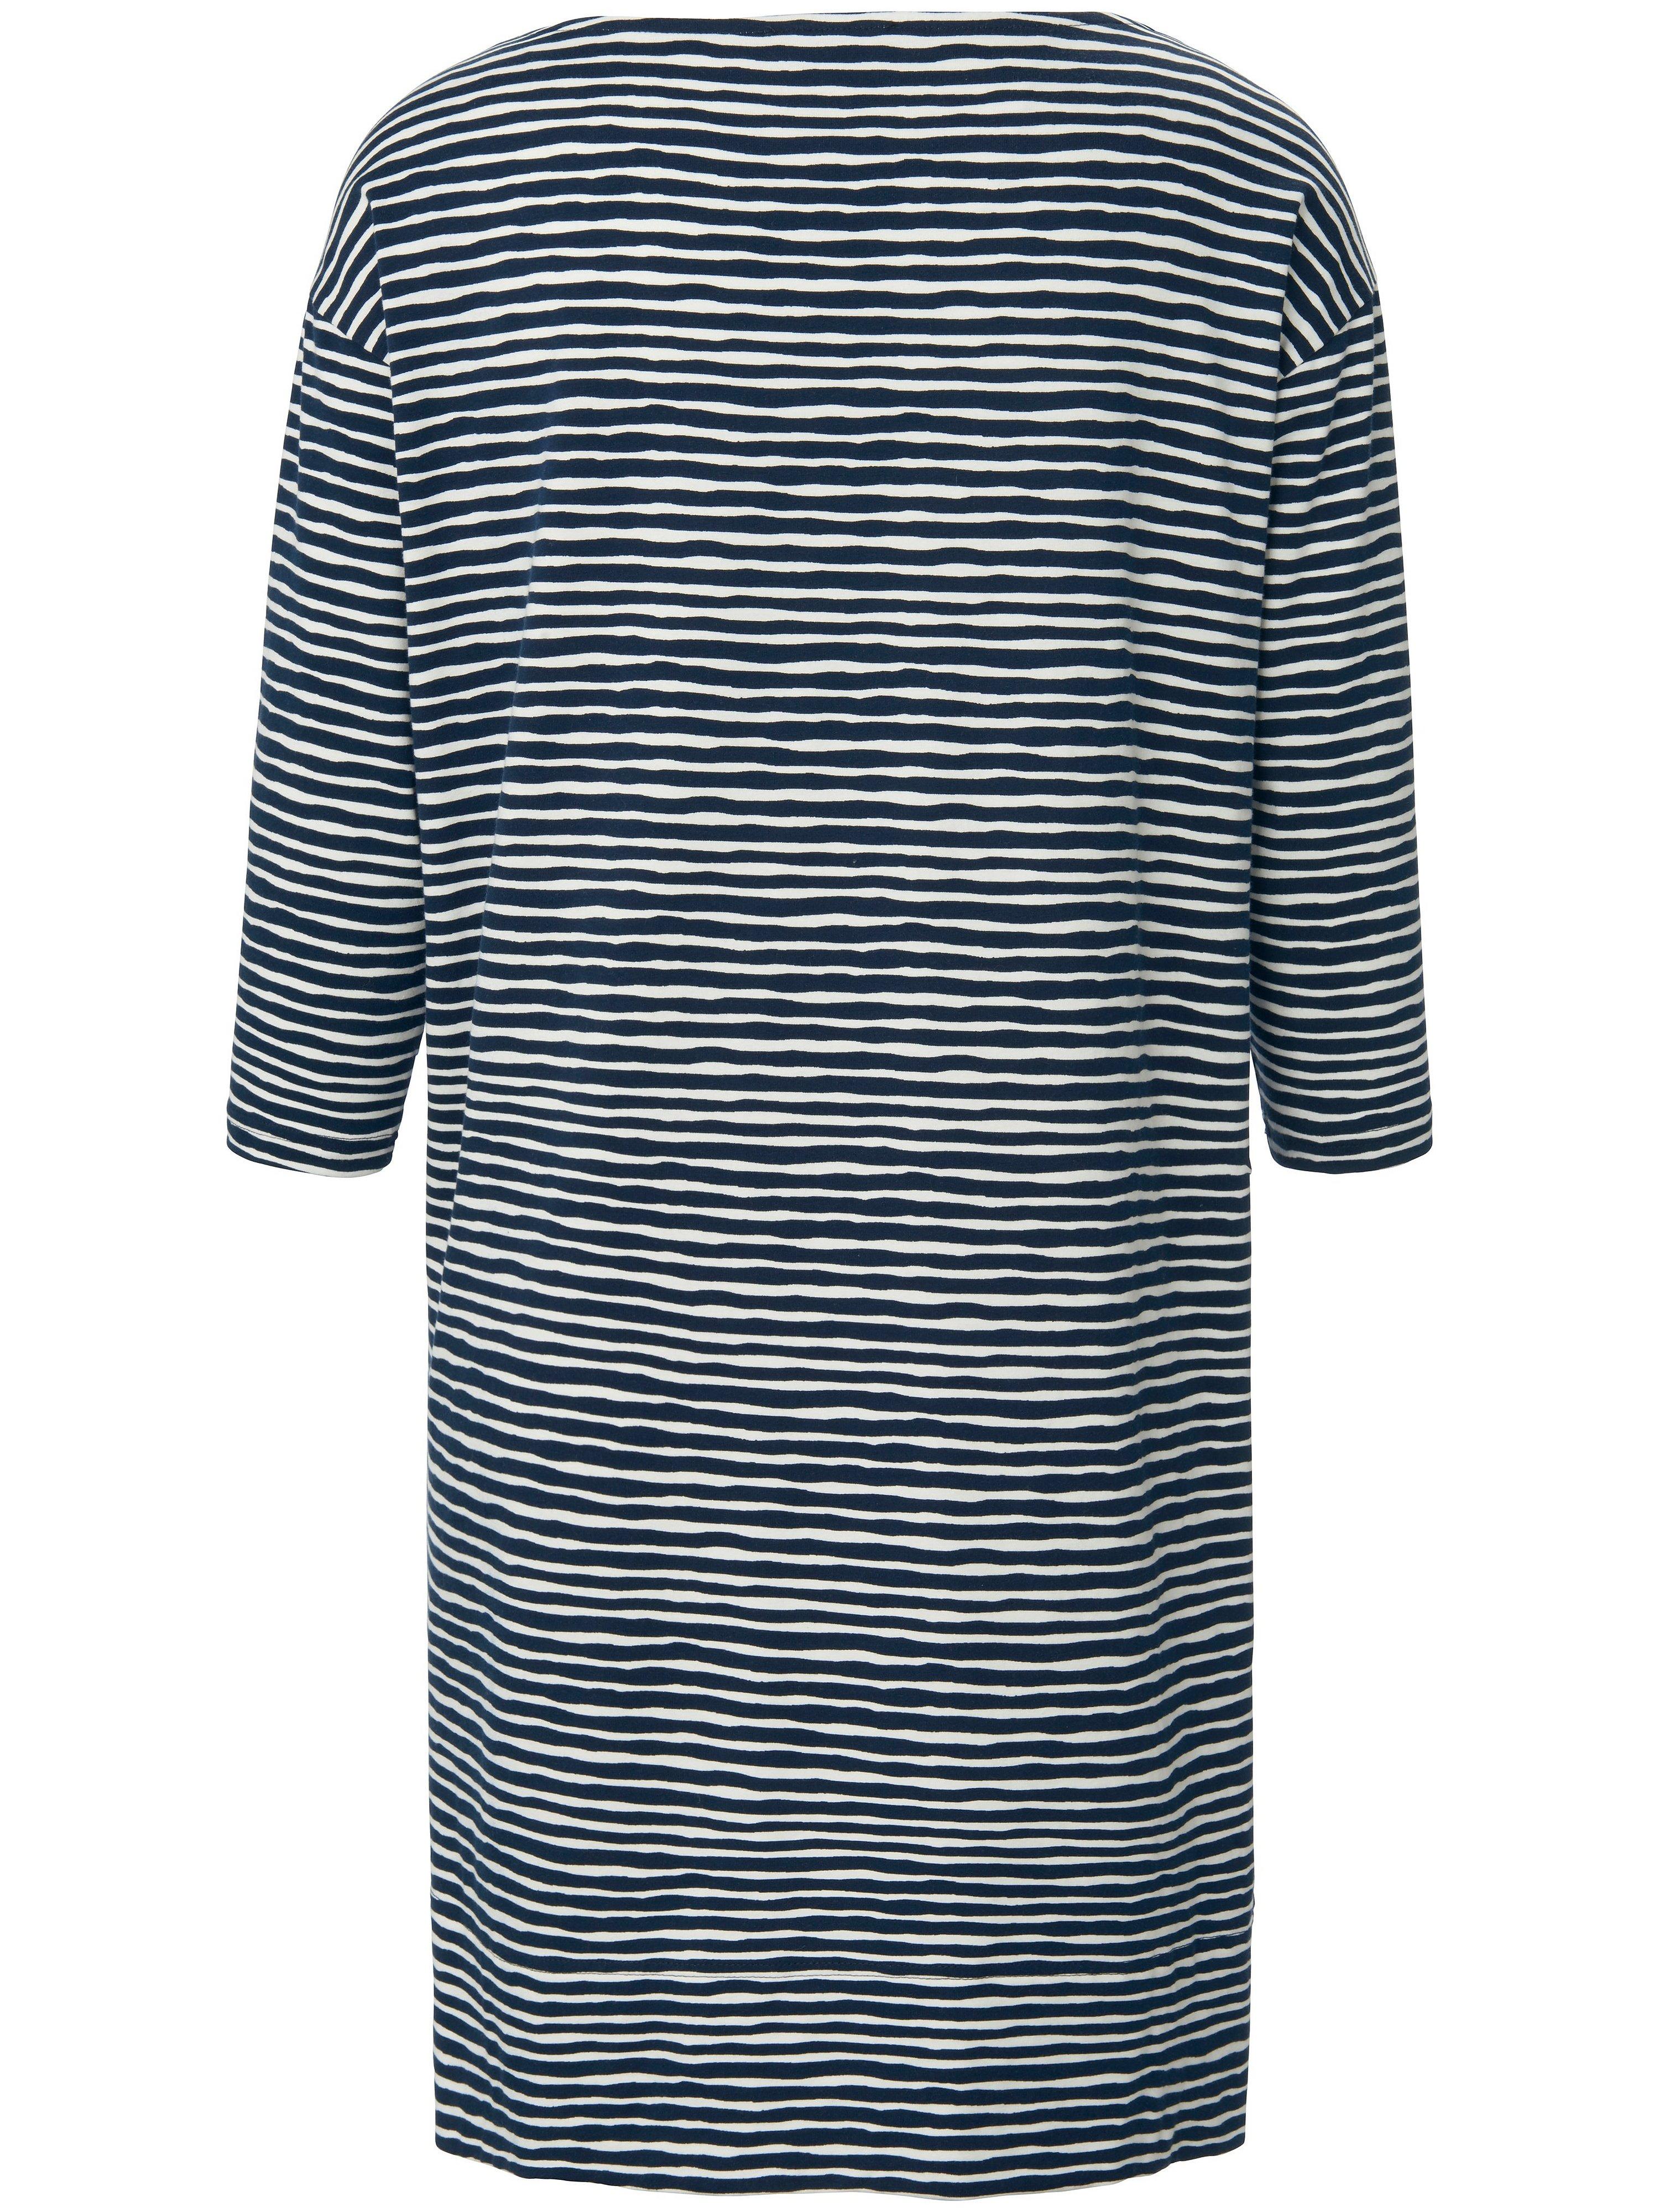 Sleepshirt 3/4-ærmer og overskårne skuldre Fra Mey blå